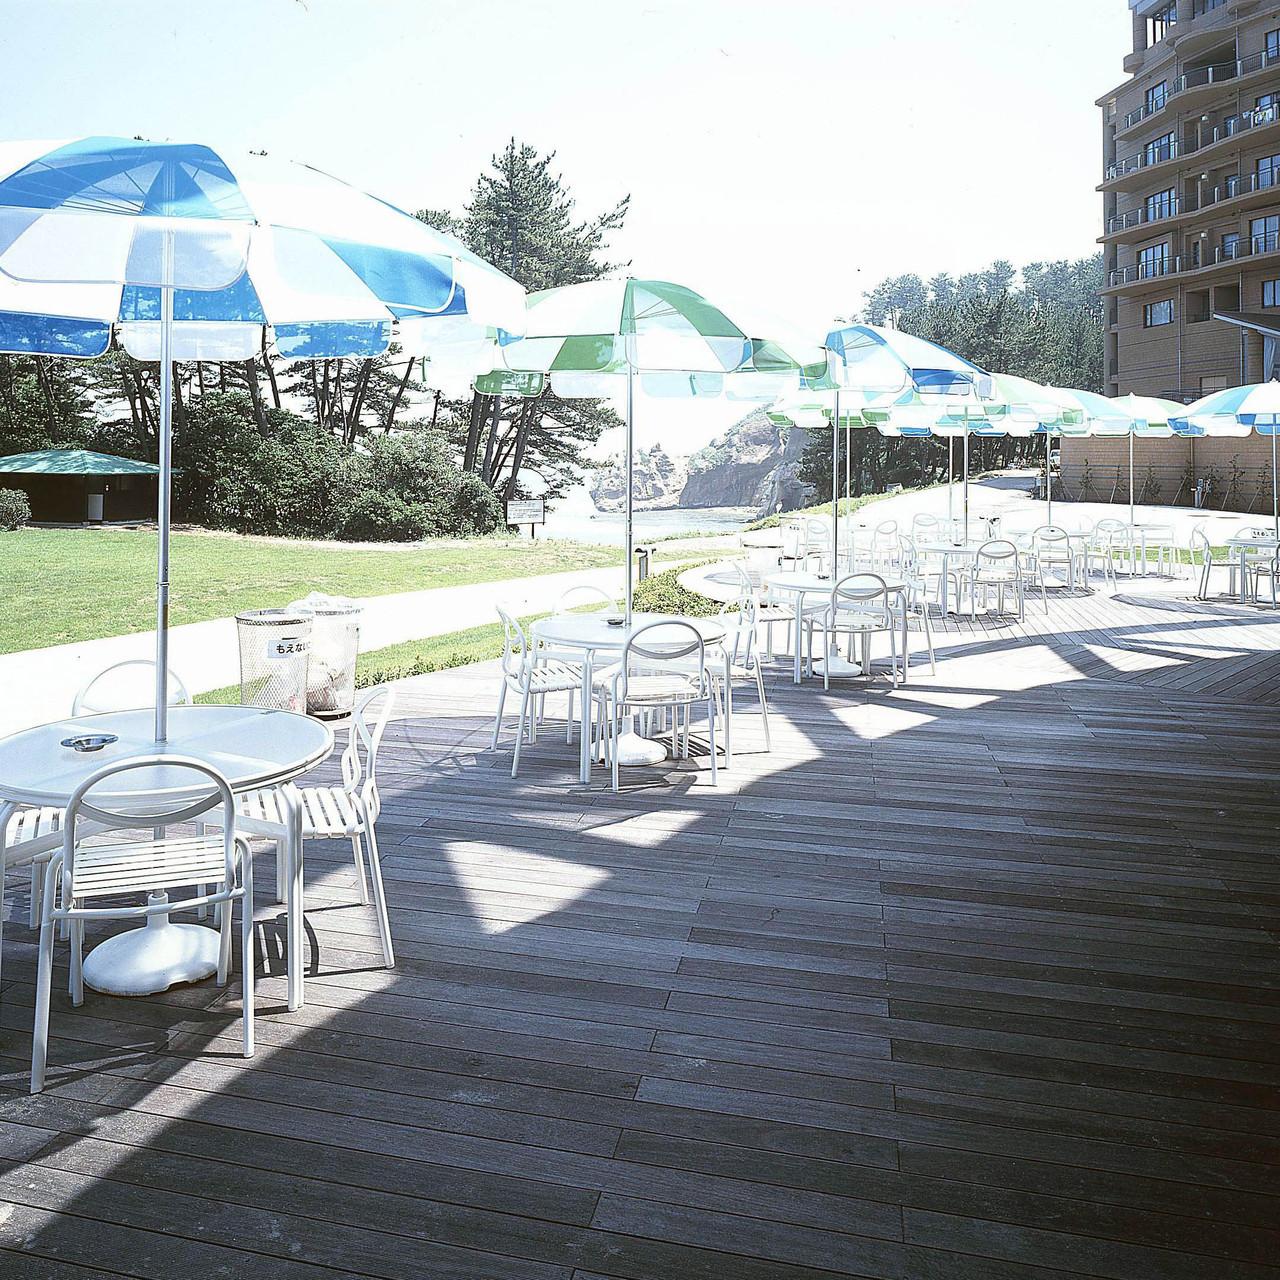 茨城県立国民宿舎 鵜の岬(ジャラ) 人気の国民宿舎にも使用されています